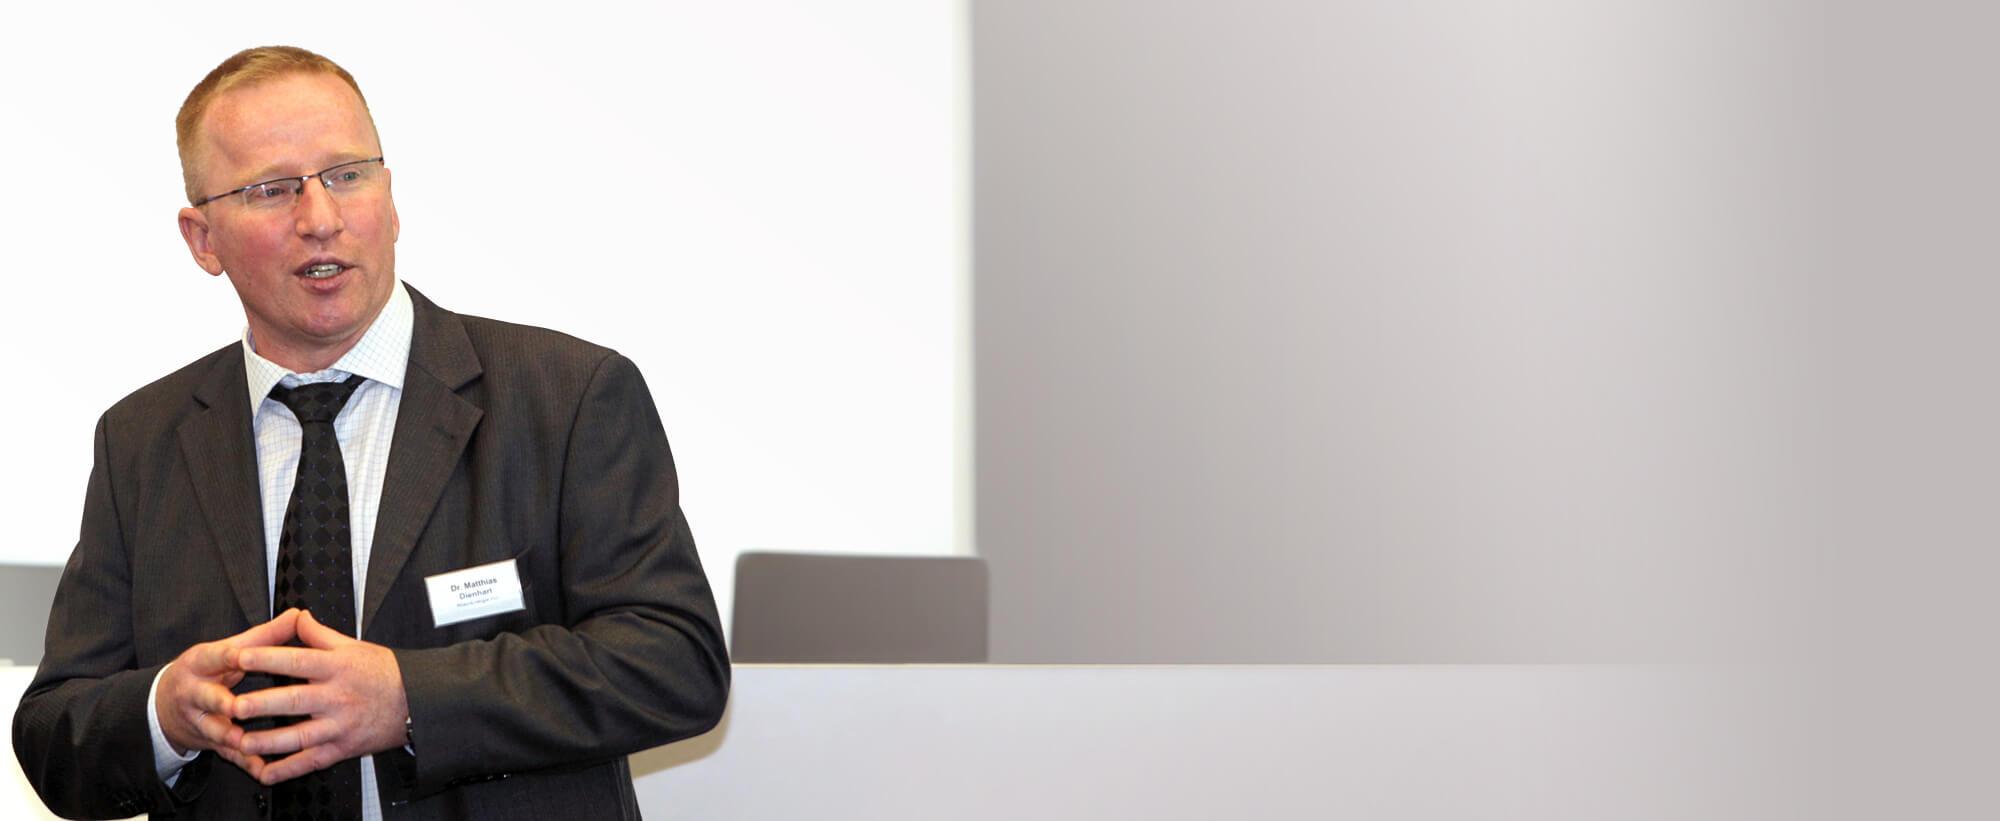 Dr. Matthias Dienhart, Geschäftsführer der KlimaKreis Köln GmbH und Leiter Energiewirtschaftliche Grundsatzfragen bei der RheinEnergie AG